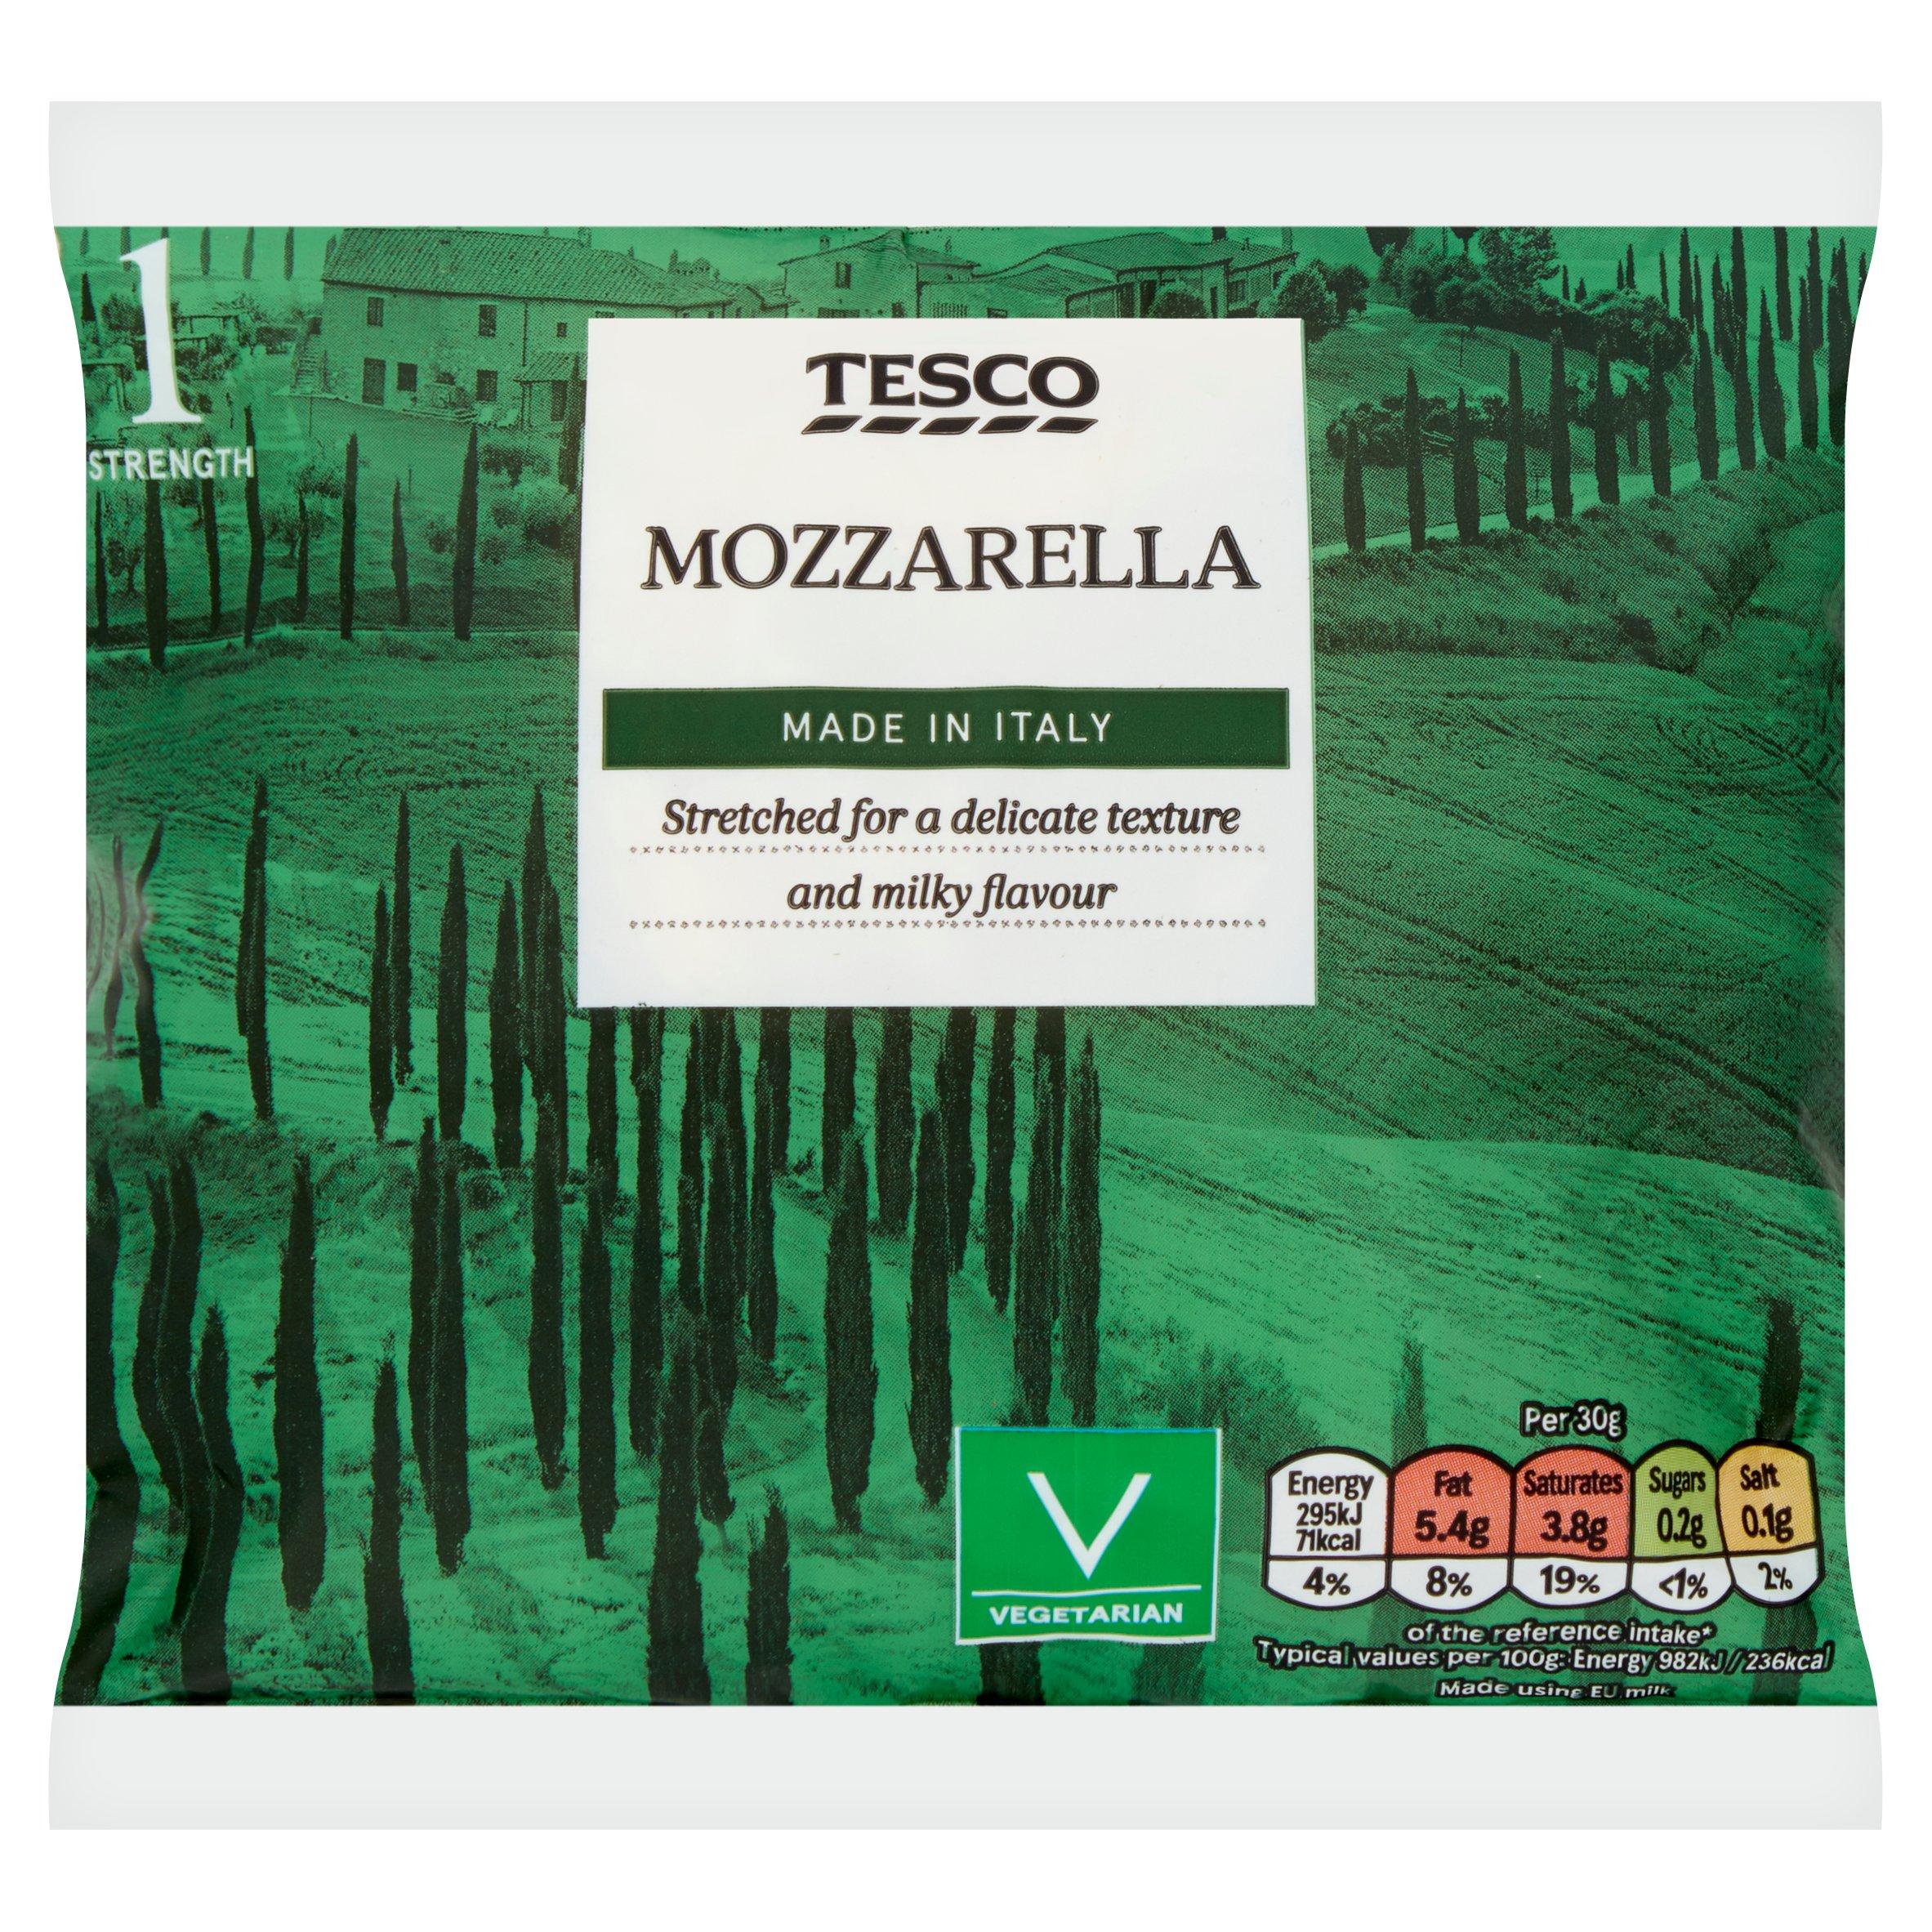 Tesco Mozzarella 240G